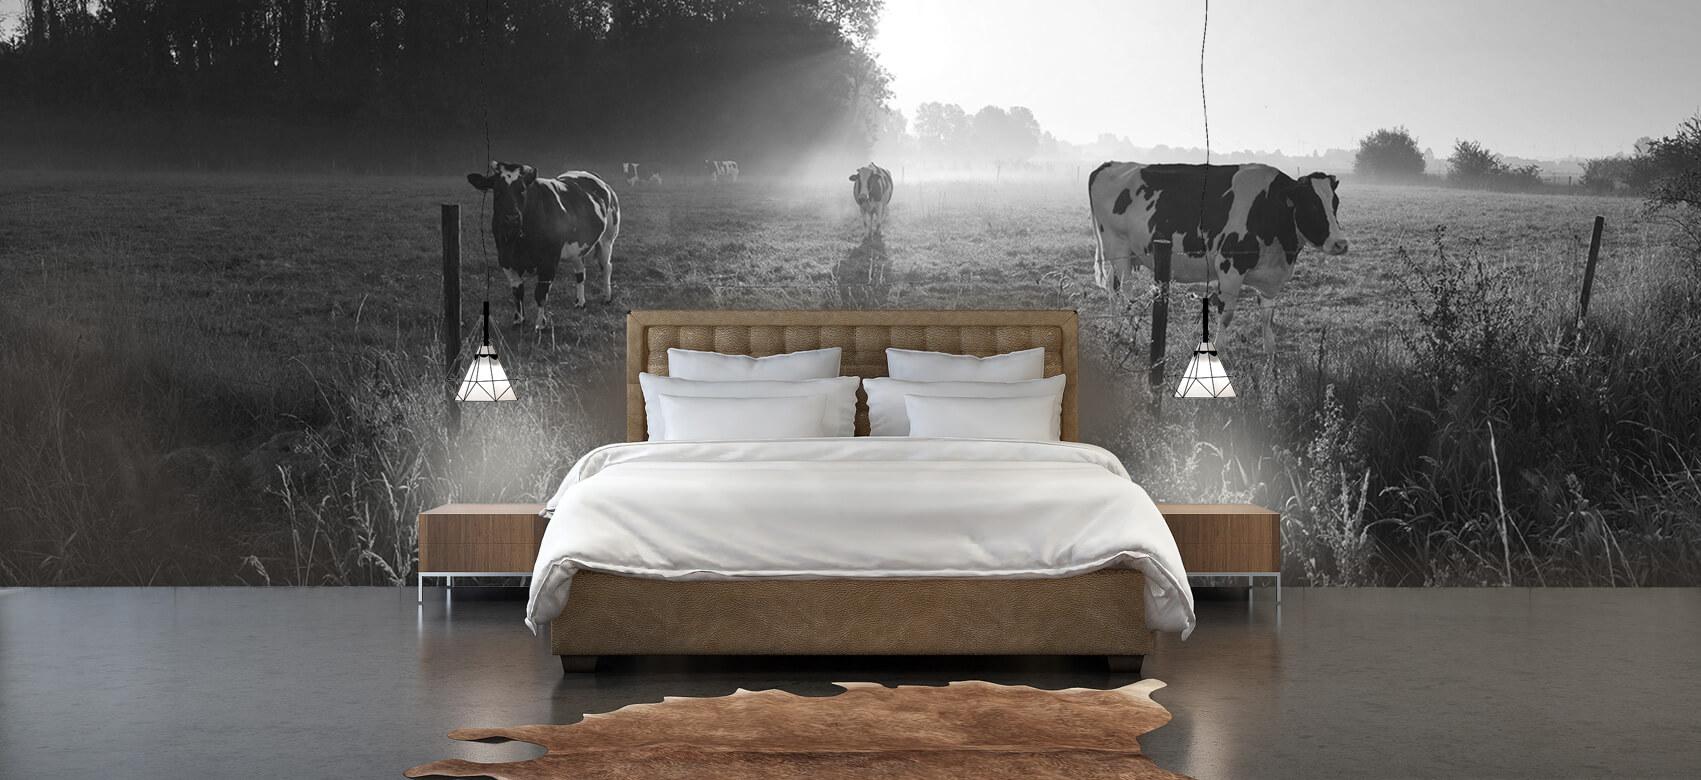 Dieren Koe tijdens zonsopkomst 4